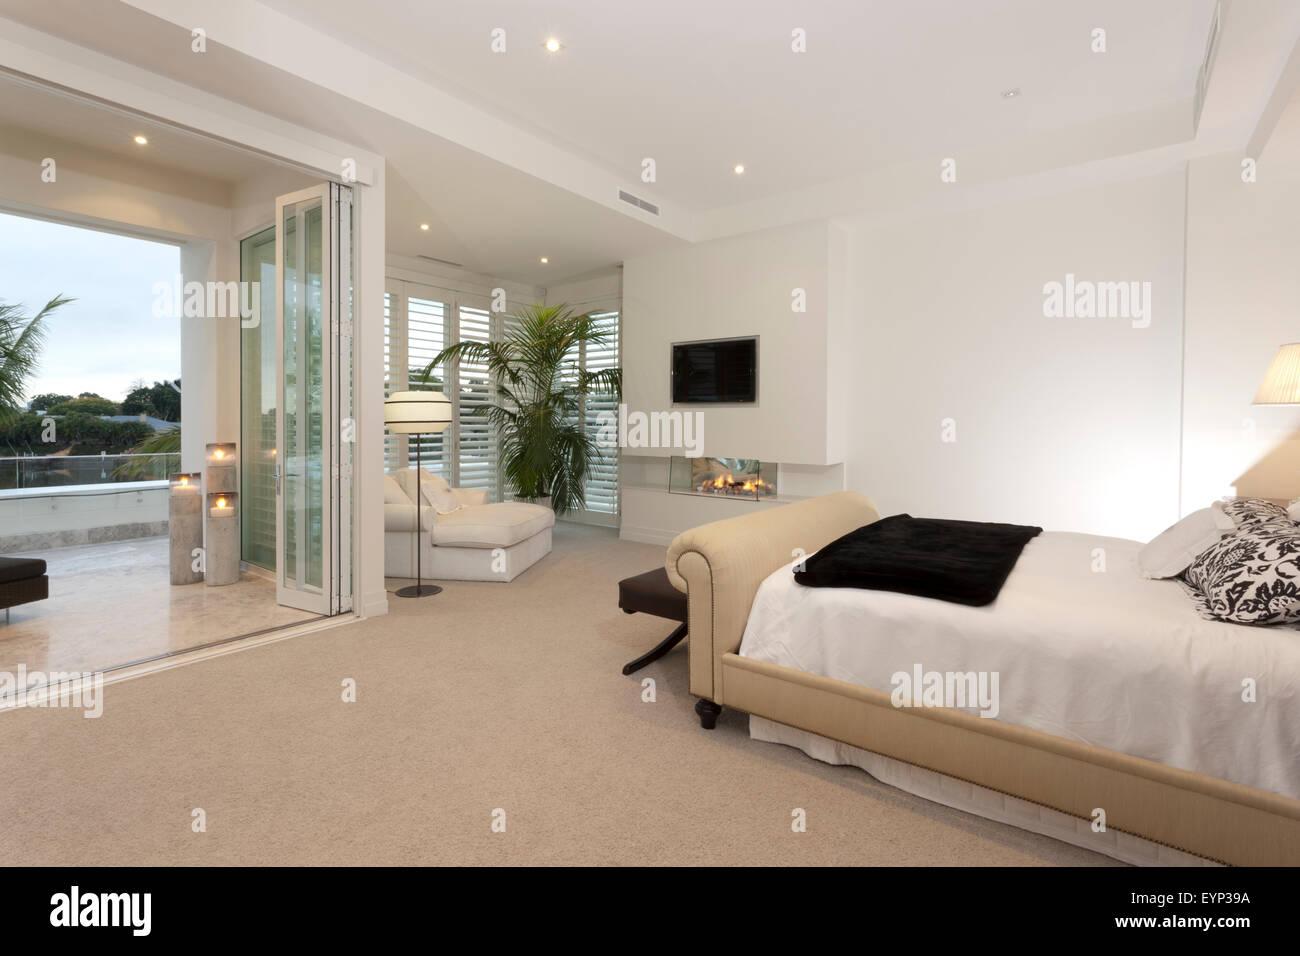 Luxuriös, Farbiges Licht Schlafzimmer Mit Bett Mit Blick Auf Eine Offene  Terrasse